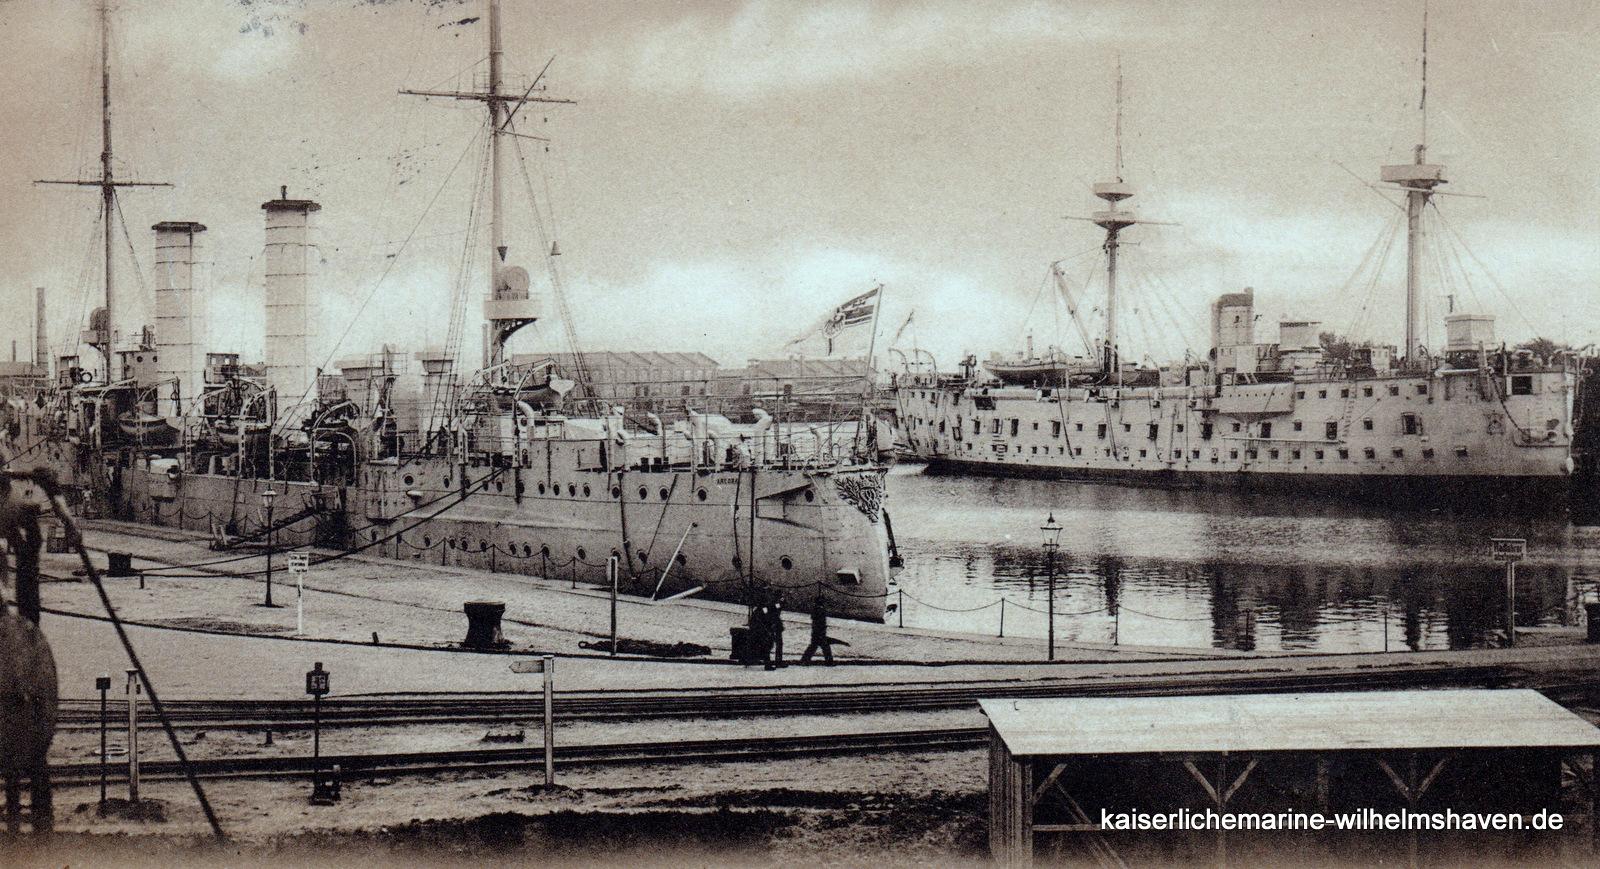 """Ca. 1905, Blick von Nordost: Kleiner Kreuzer """"Ariadne"""" am Nordostkai, gegenüber das alte Schulschiff """"Mars"""""""